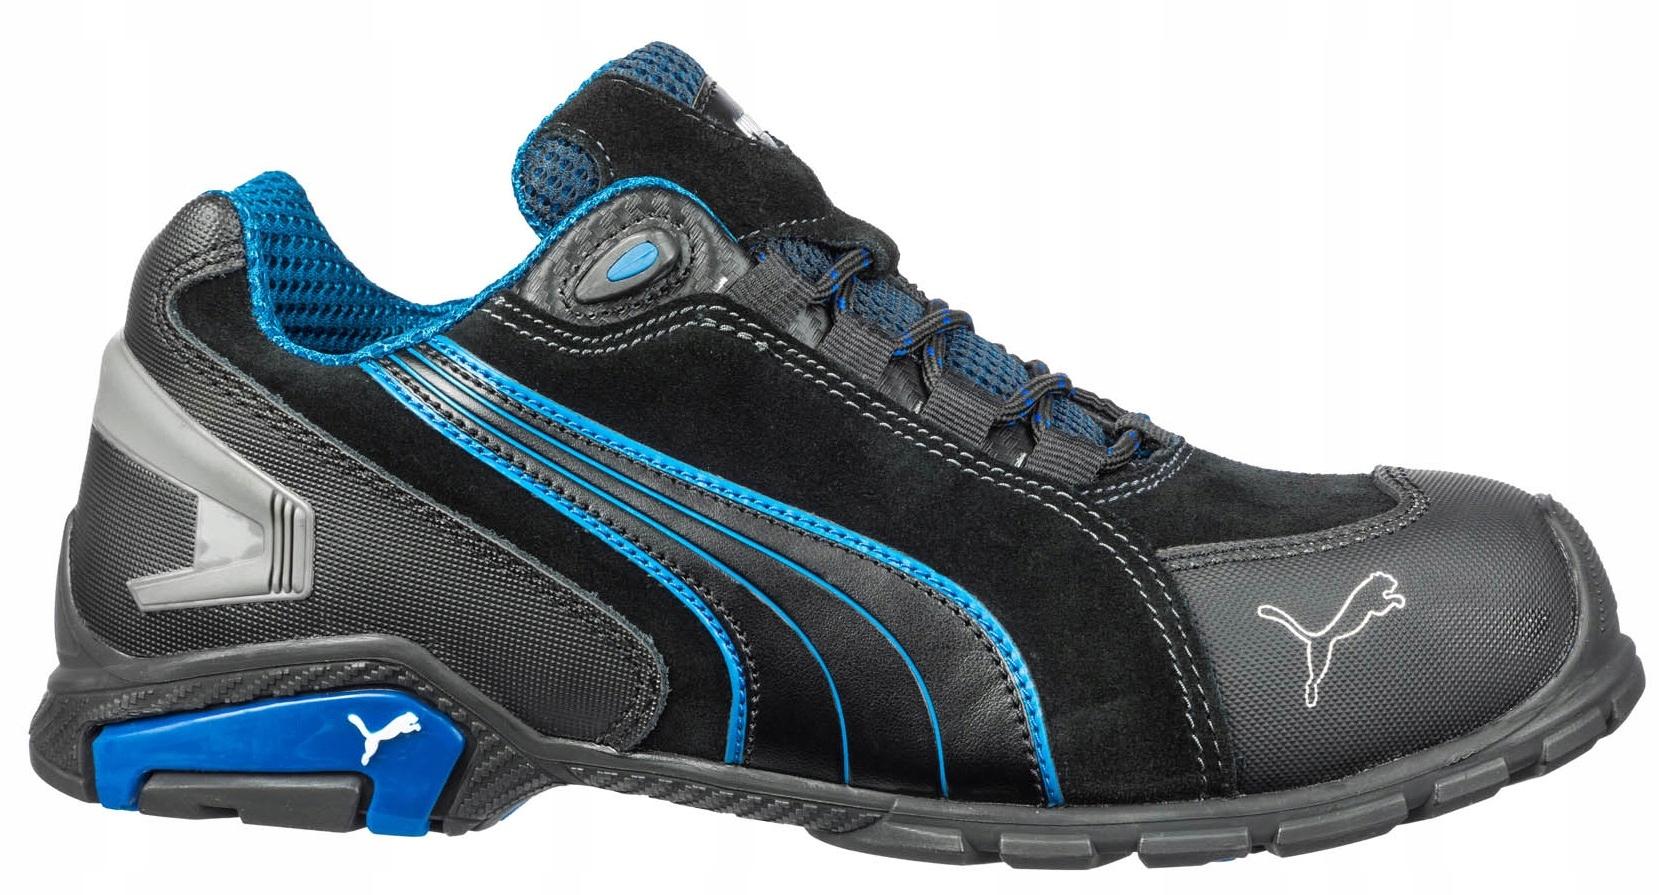 обувь ОБУВЬ рабочие ТРУДА Пума 642750 S3 SRC разм. 41